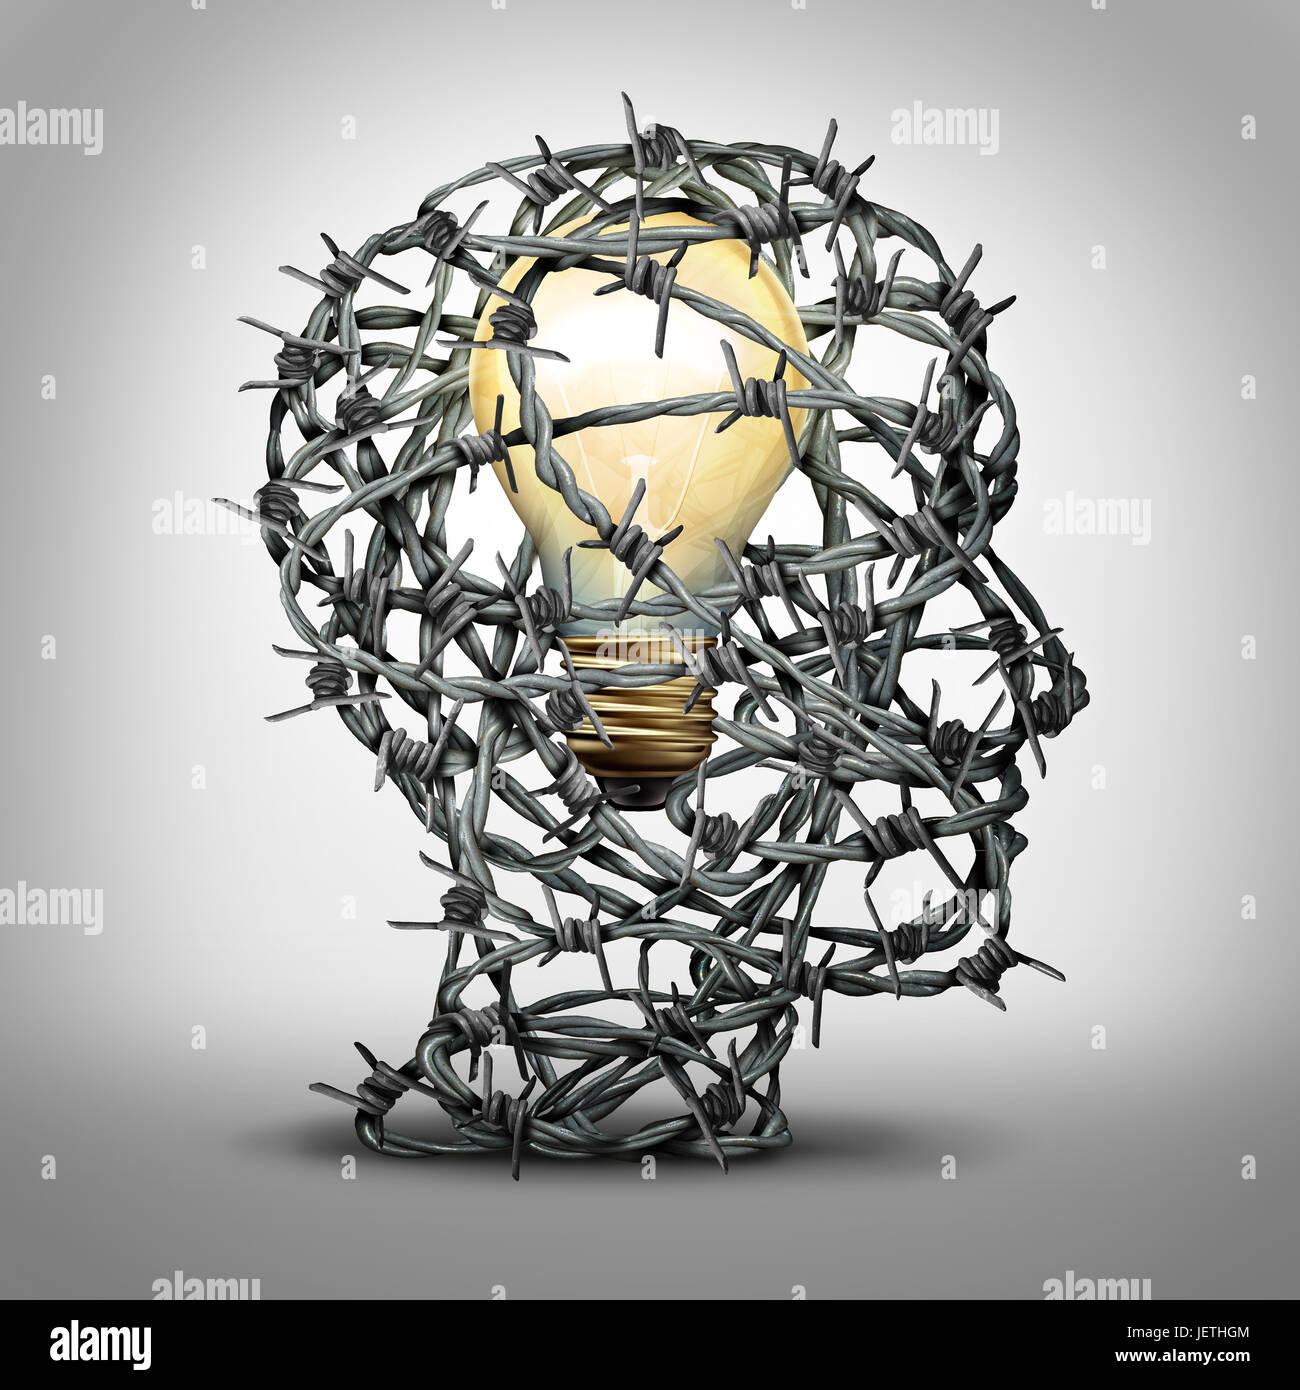 Proteger su idea empresarial concepto de pensamiento como un grupo de alambres de púas en forma de cabeza humana con una bombilla de luz interior como medida de seguridad. Foto de stock